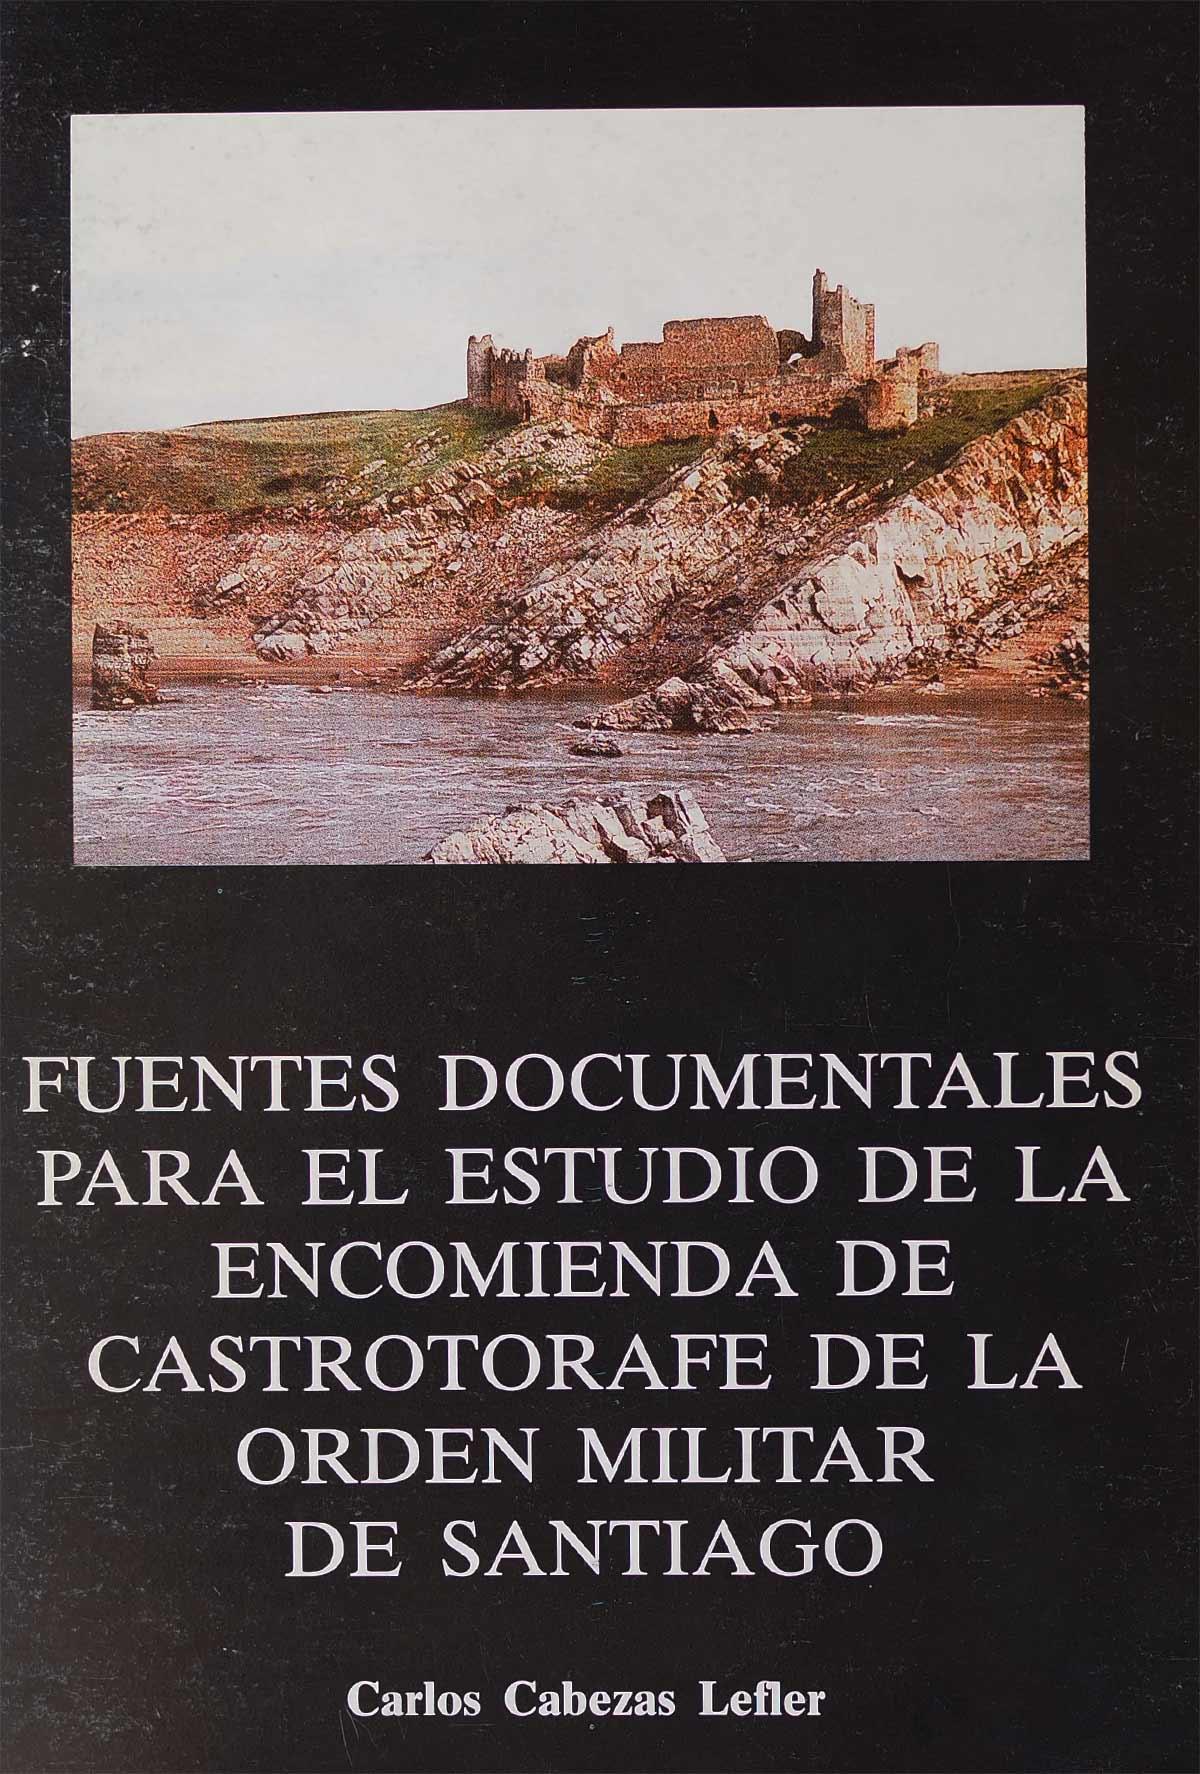 fuentes-documentales-estudio-encomienda-castrotorafe-orden-militar-santiago-editorial-semuret